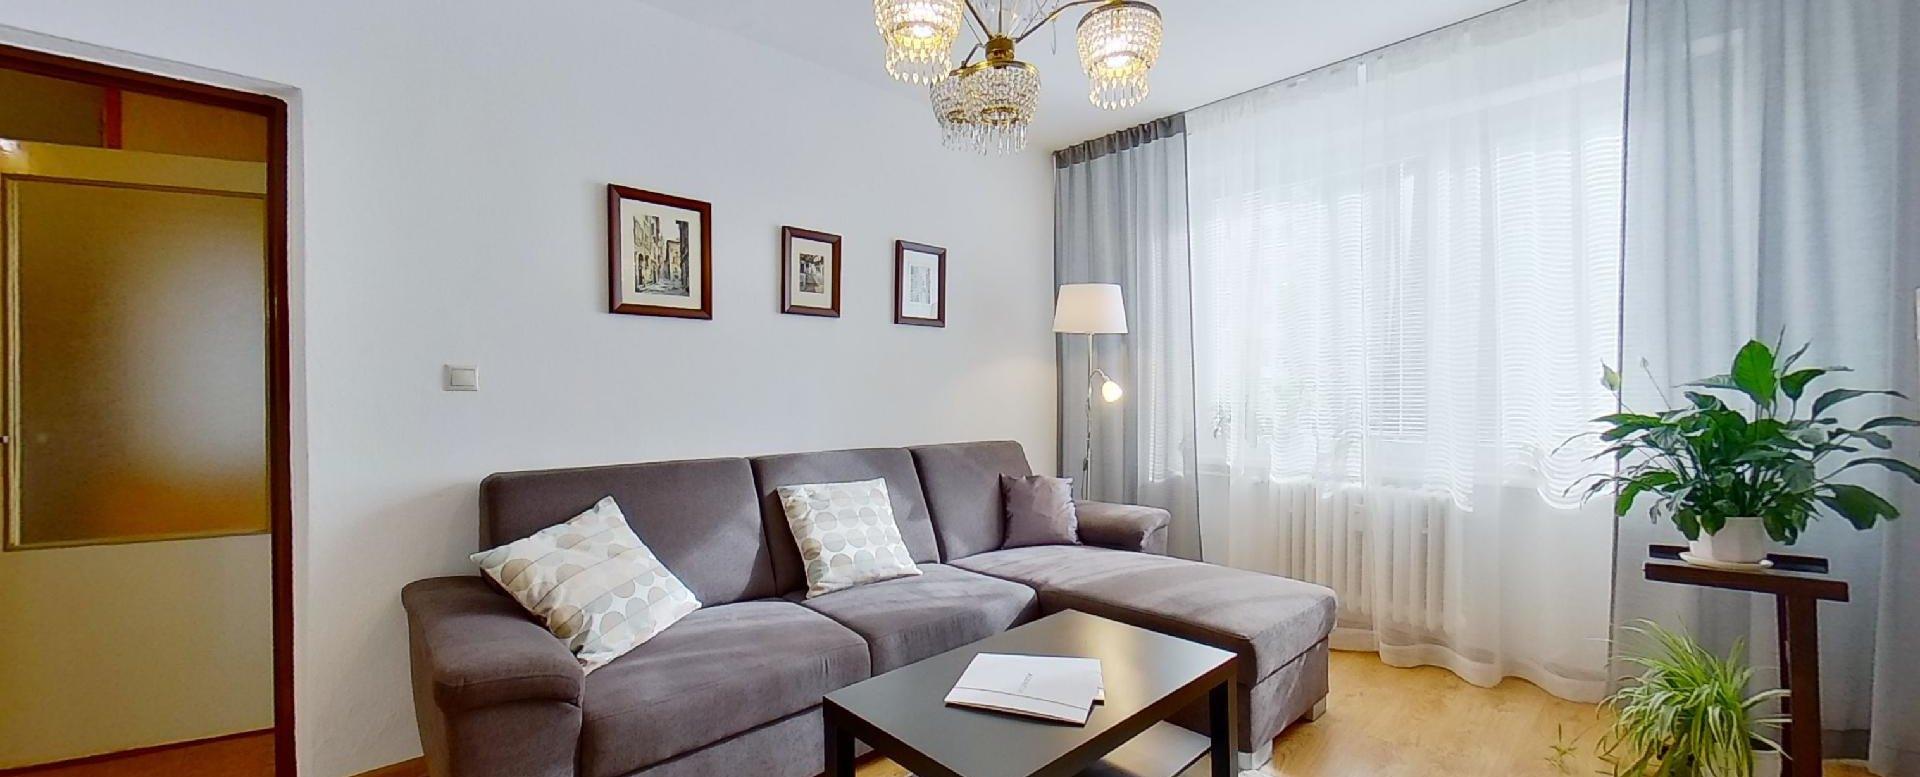 sedacia súprava a konferenčný stolík v obývacej izbe